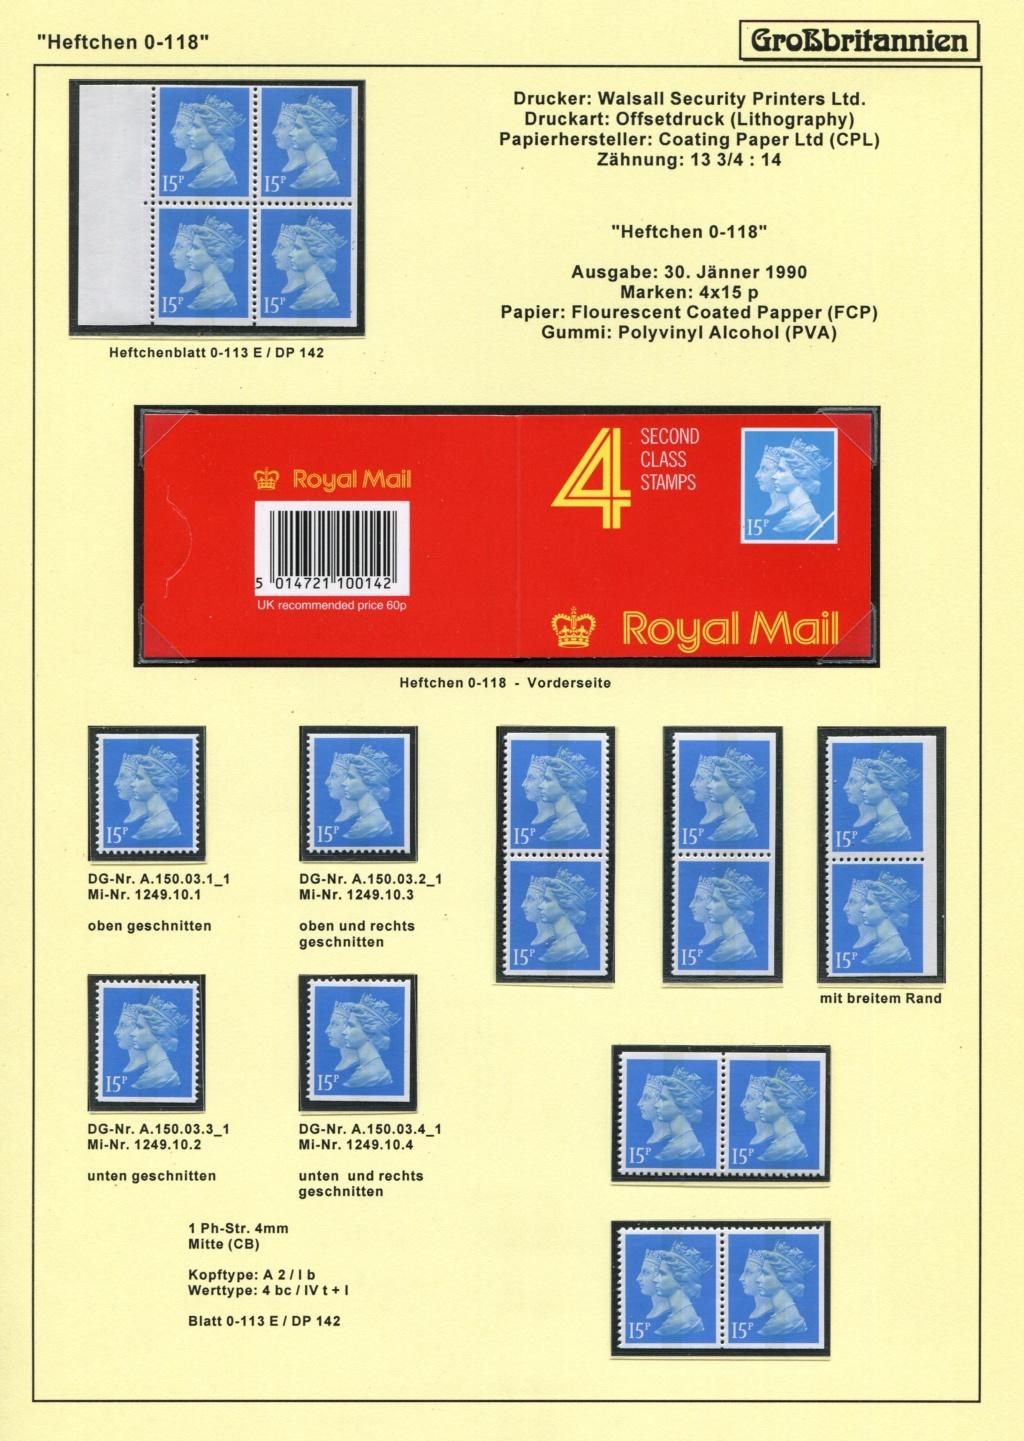 Großbritannien - 150 Jahre Briefmarken Black_38